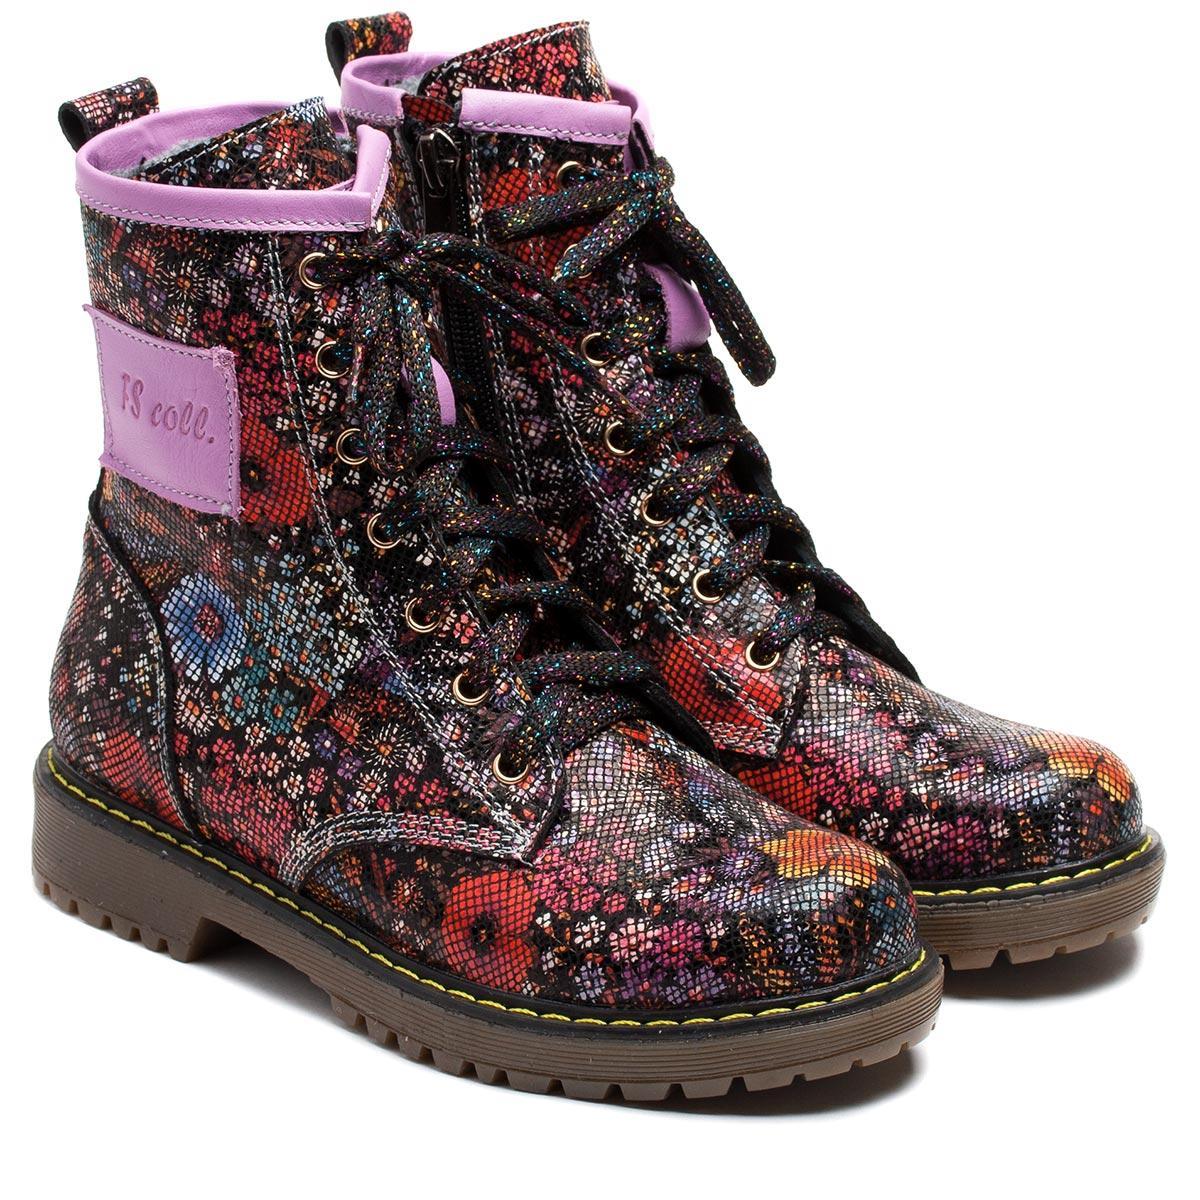 Зимние, кожаные ортопедические ботинки FS Сollection для девочки, размер 26-36